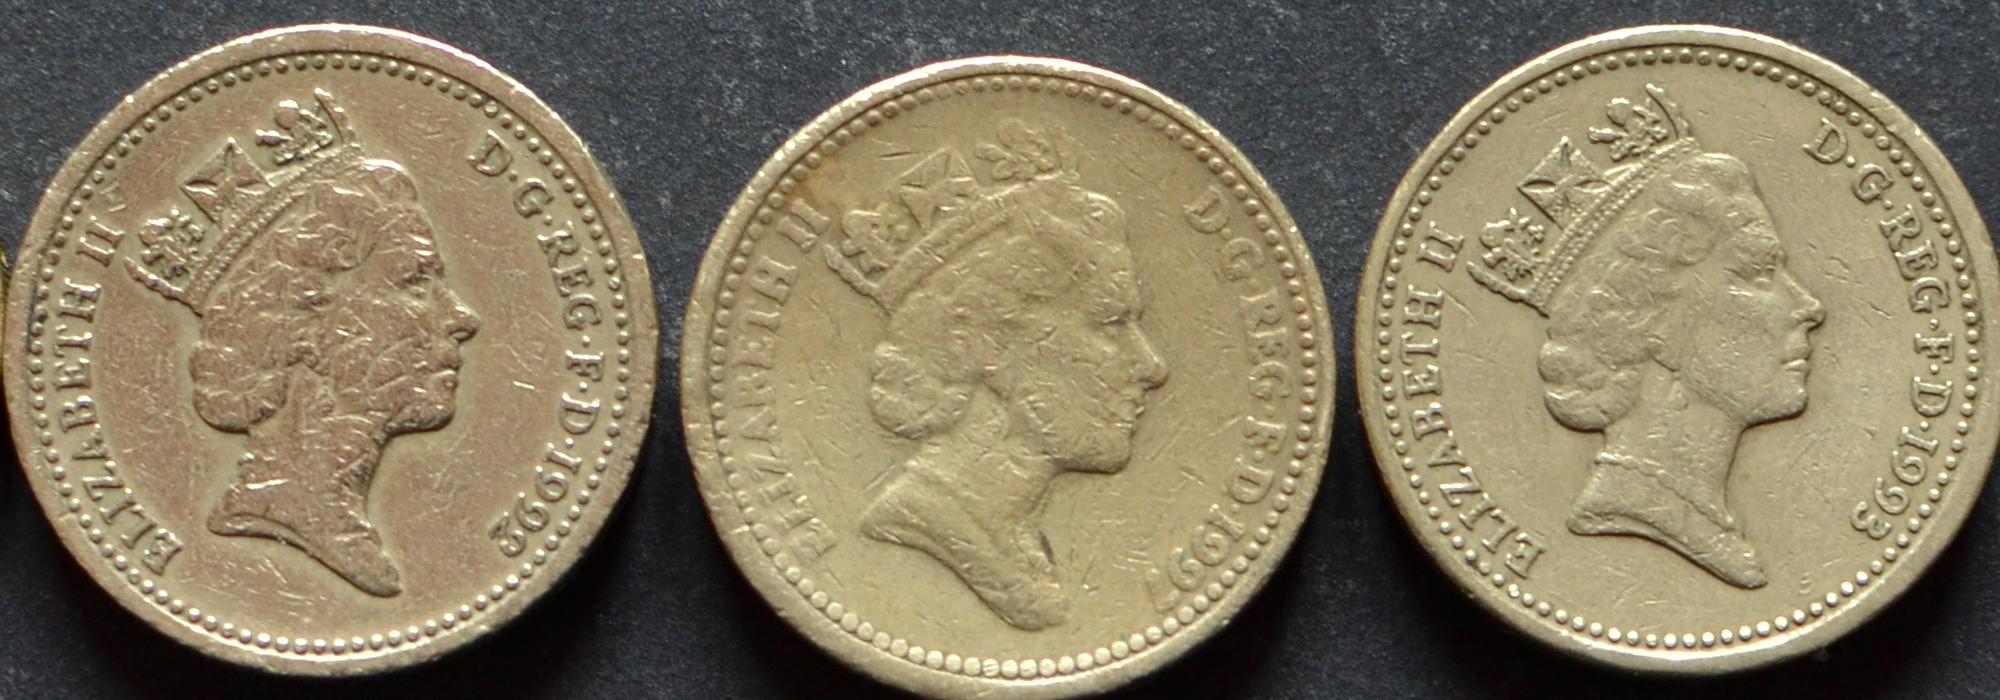 1 Pfund Münze 1985 Echt Oder Fälschung